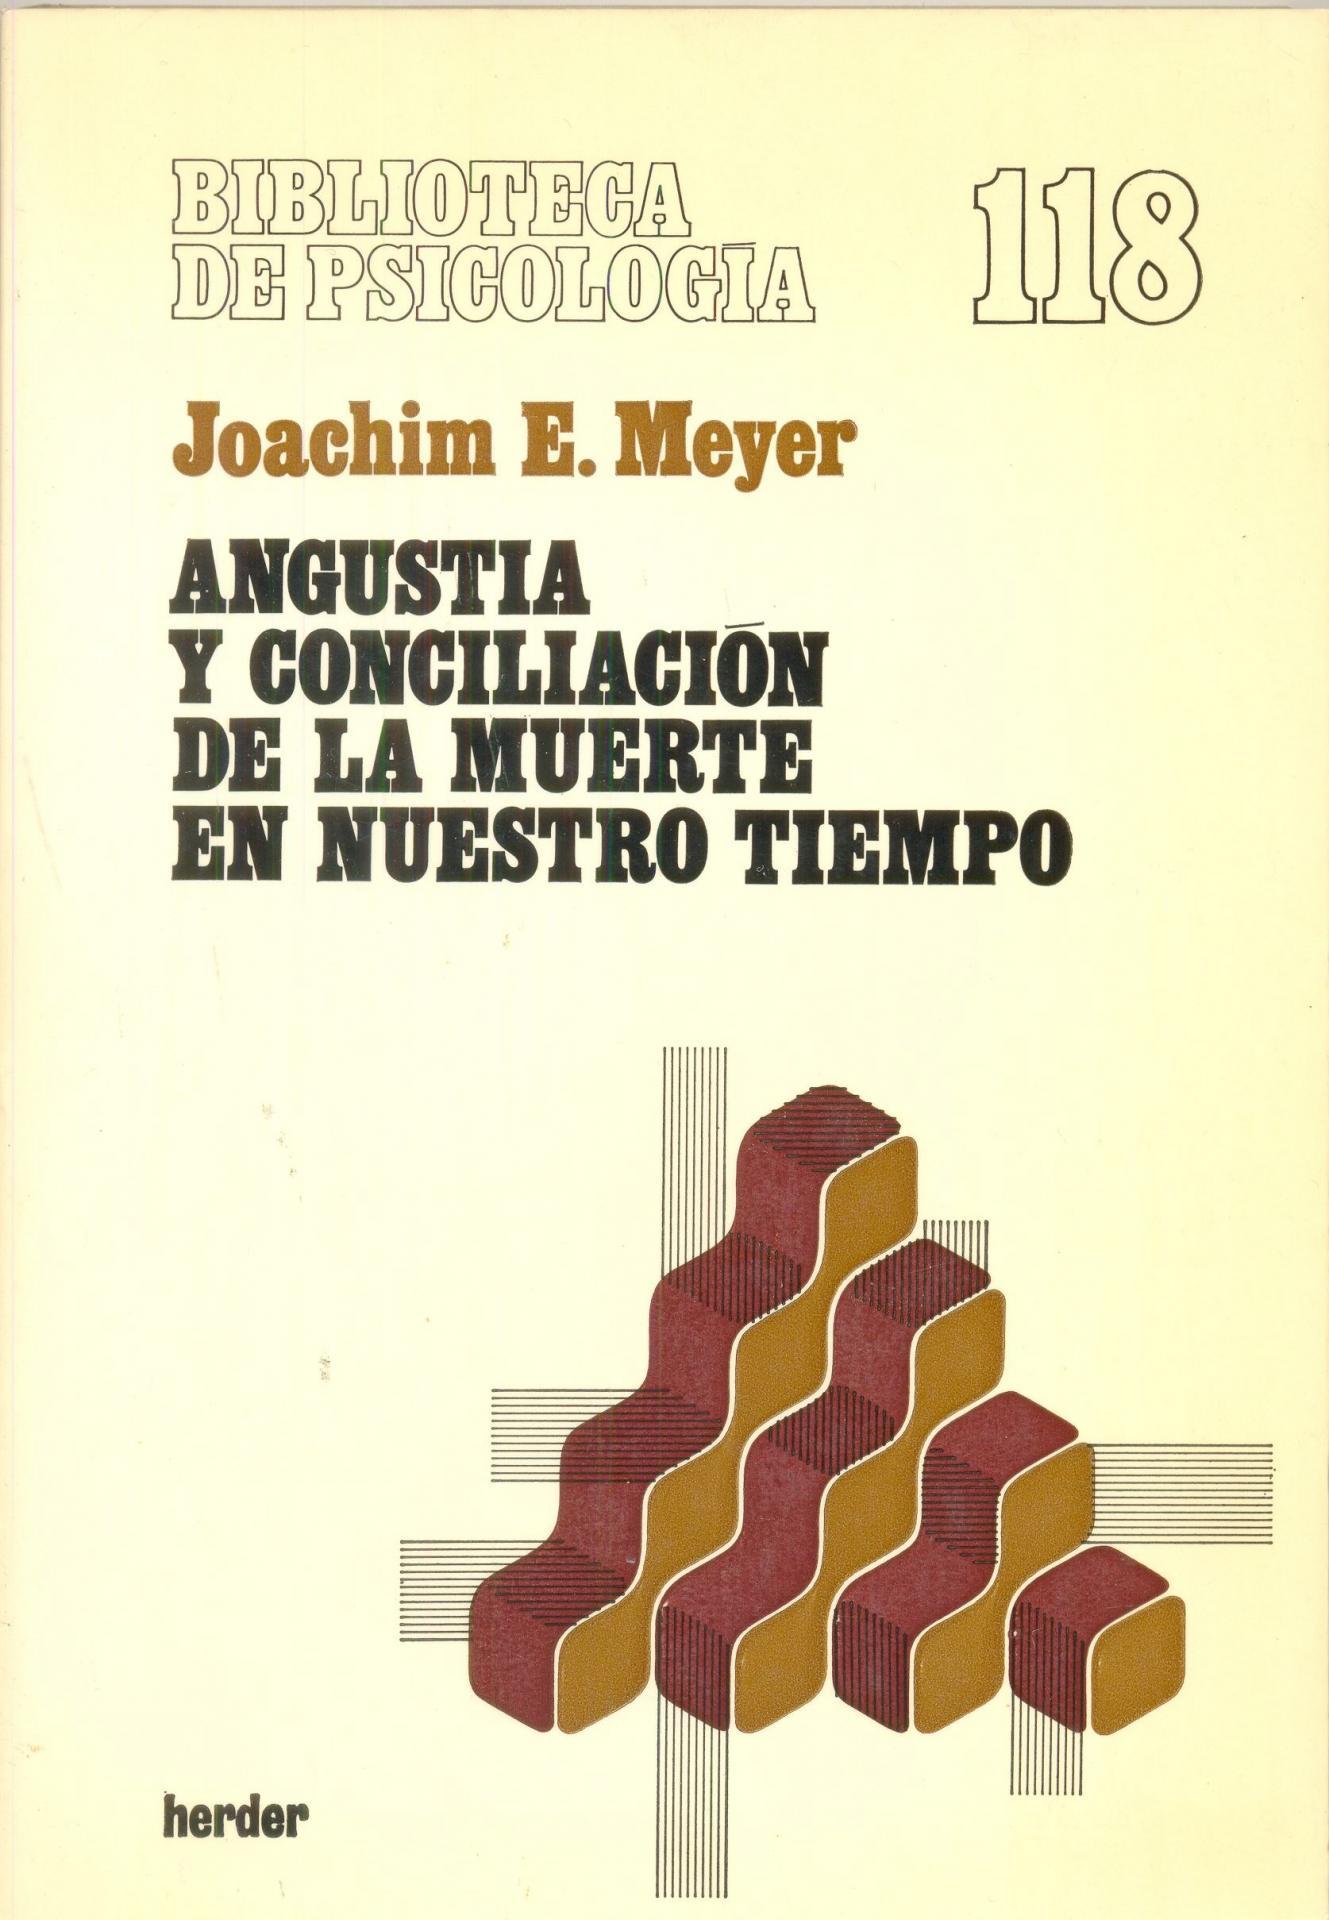 ANGUSTIA Y CONCILIACIÓN DE LA MUERTE EN NUESTRO TIEMPO. Meyer, J.E.